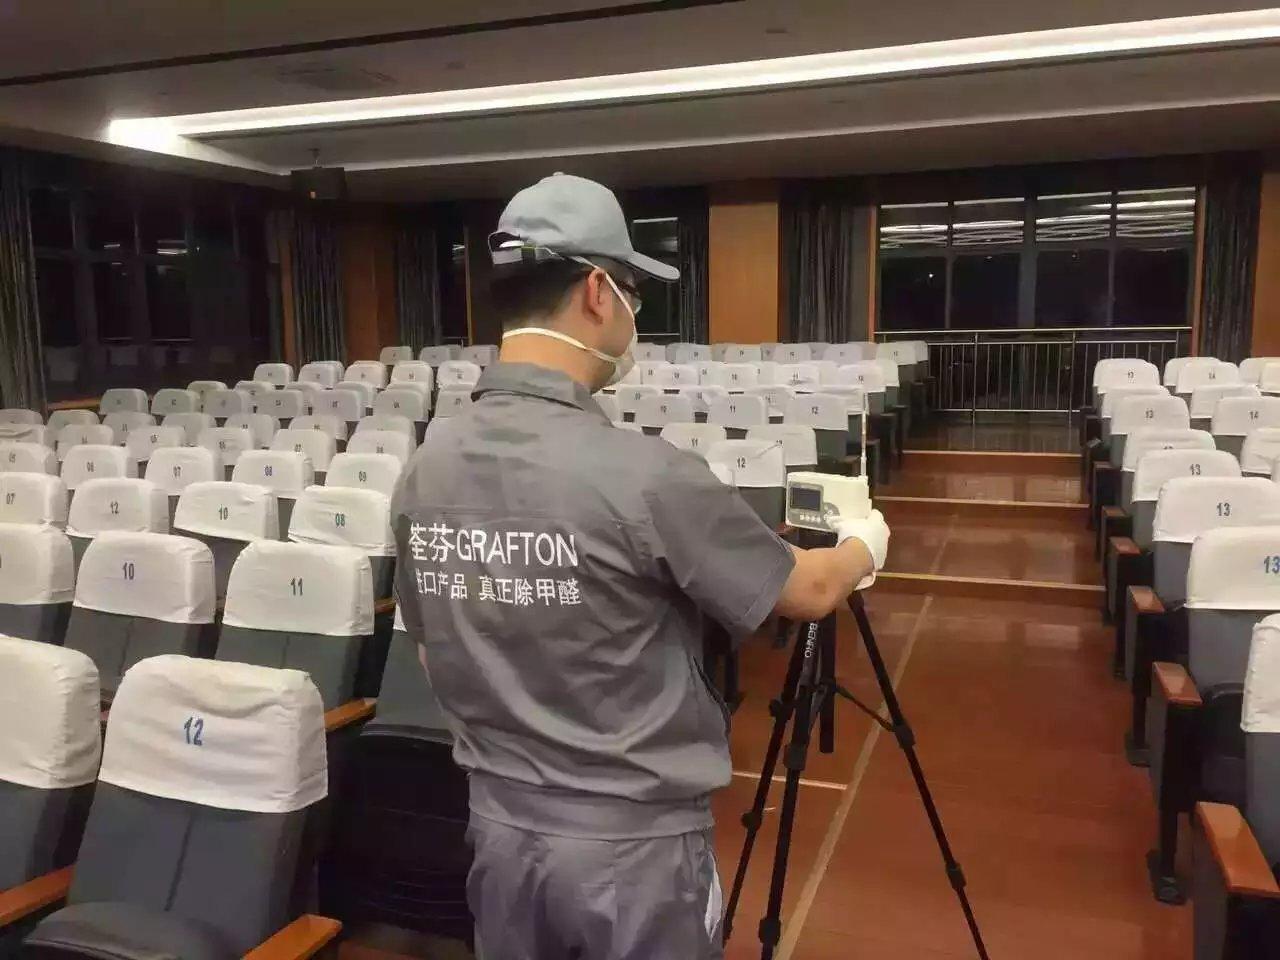 宁波舟山素质教育学校会议室甲醛检测